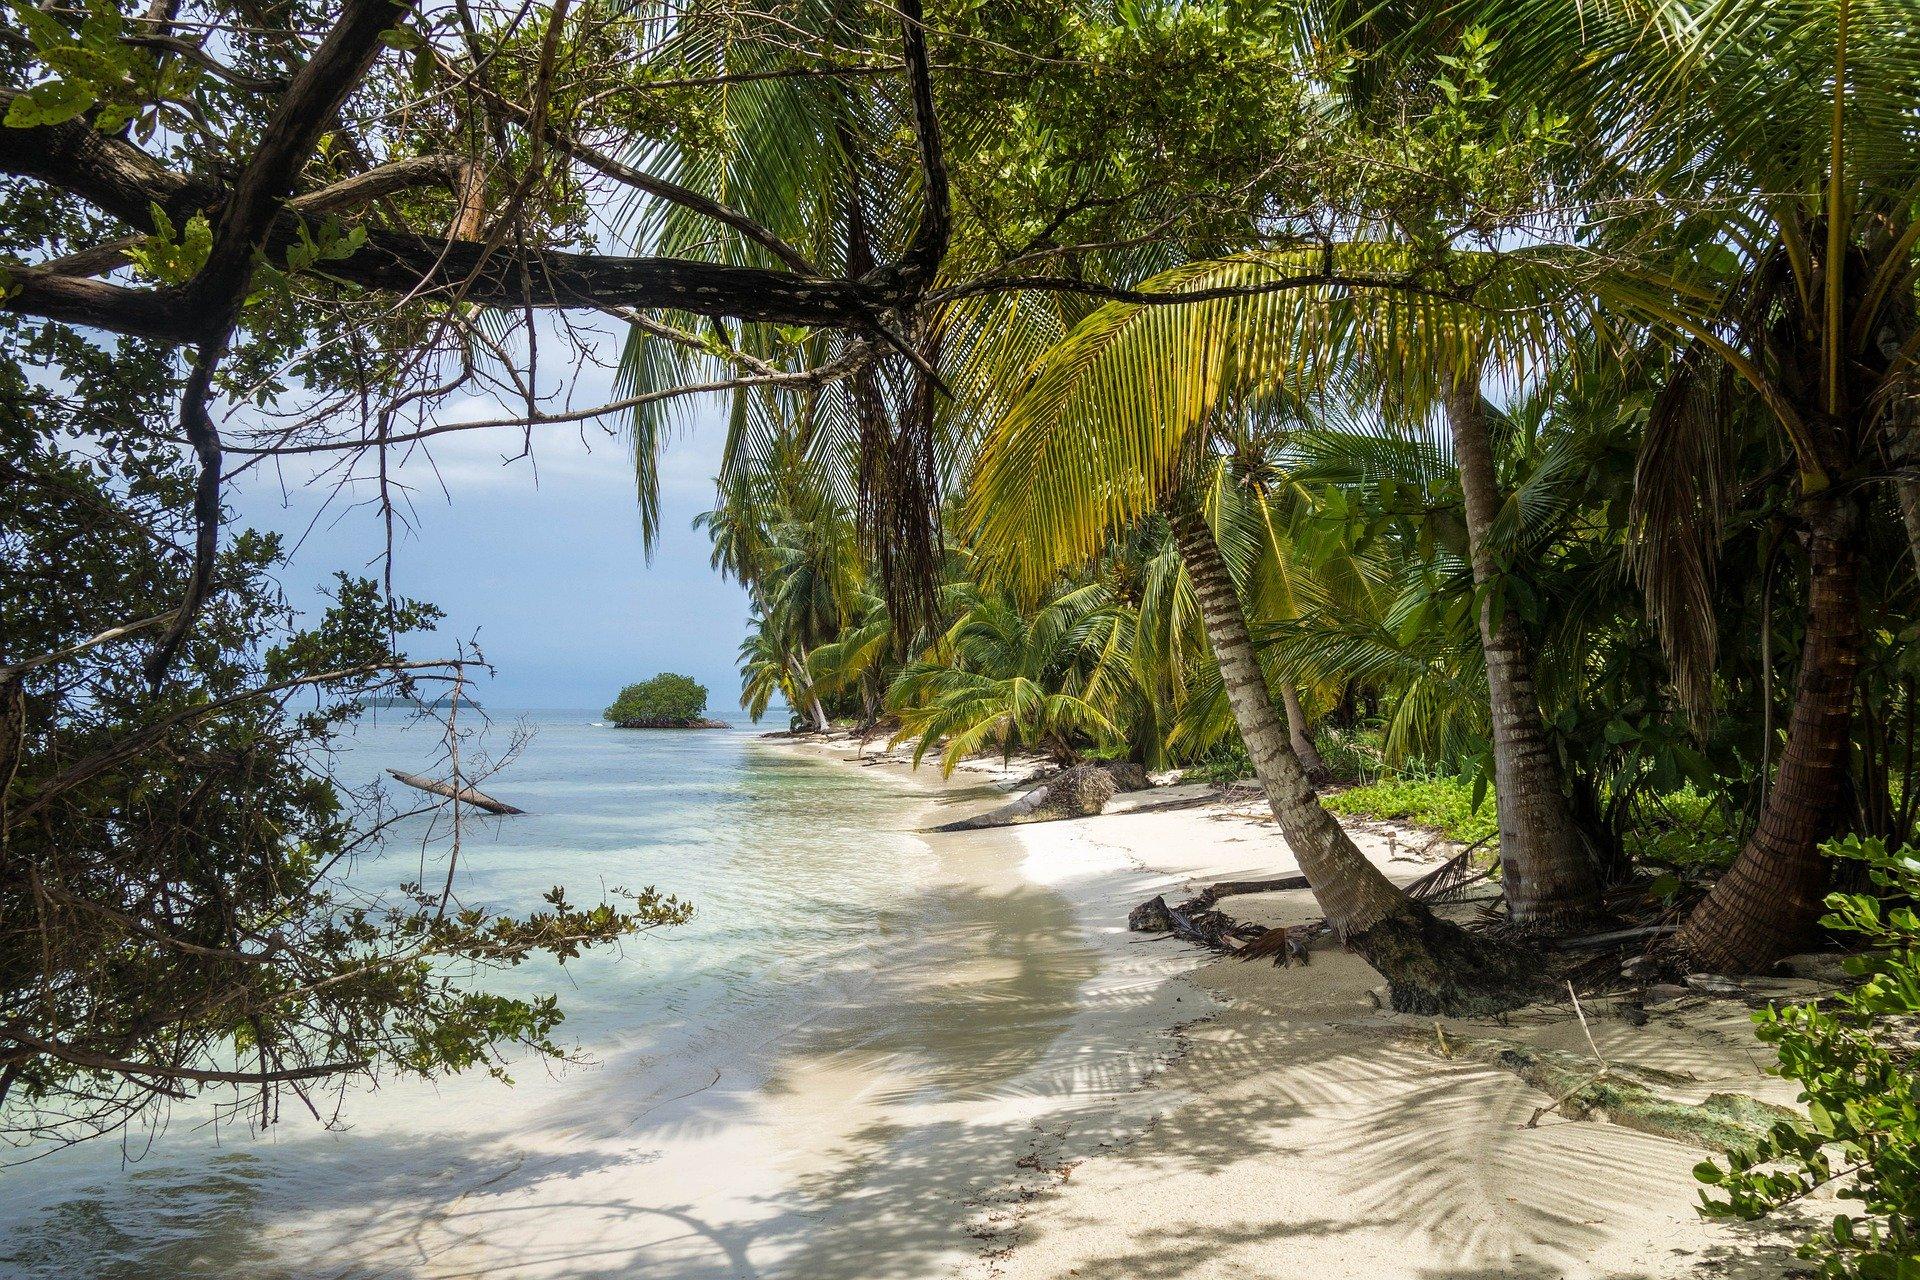 beach-4388225_1920